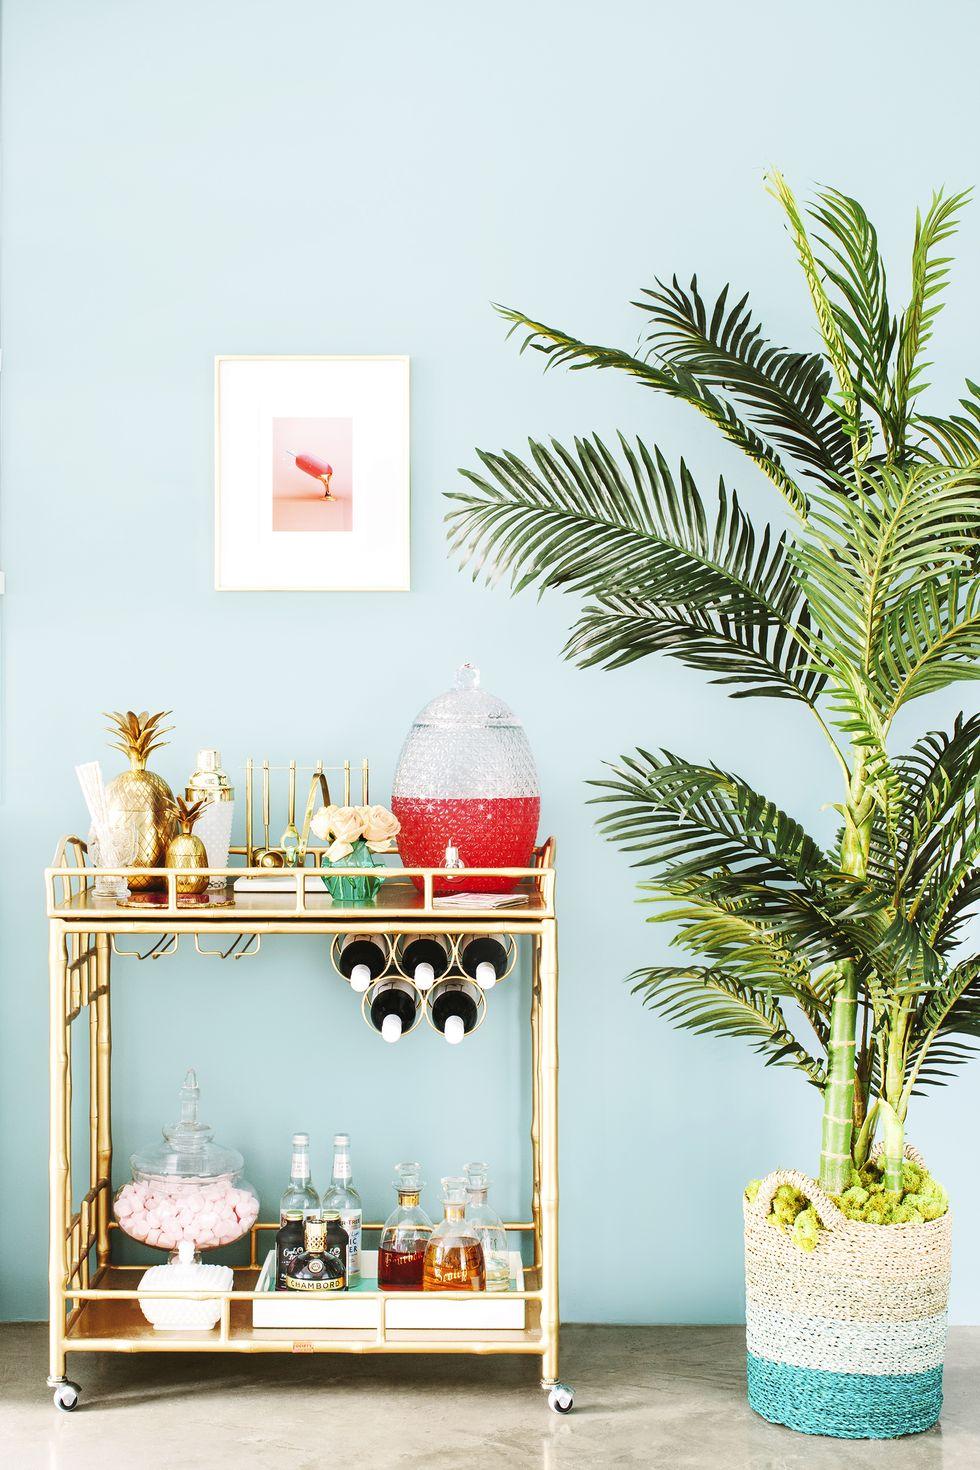 Déco de salon chic avec feuilles luxuriantes